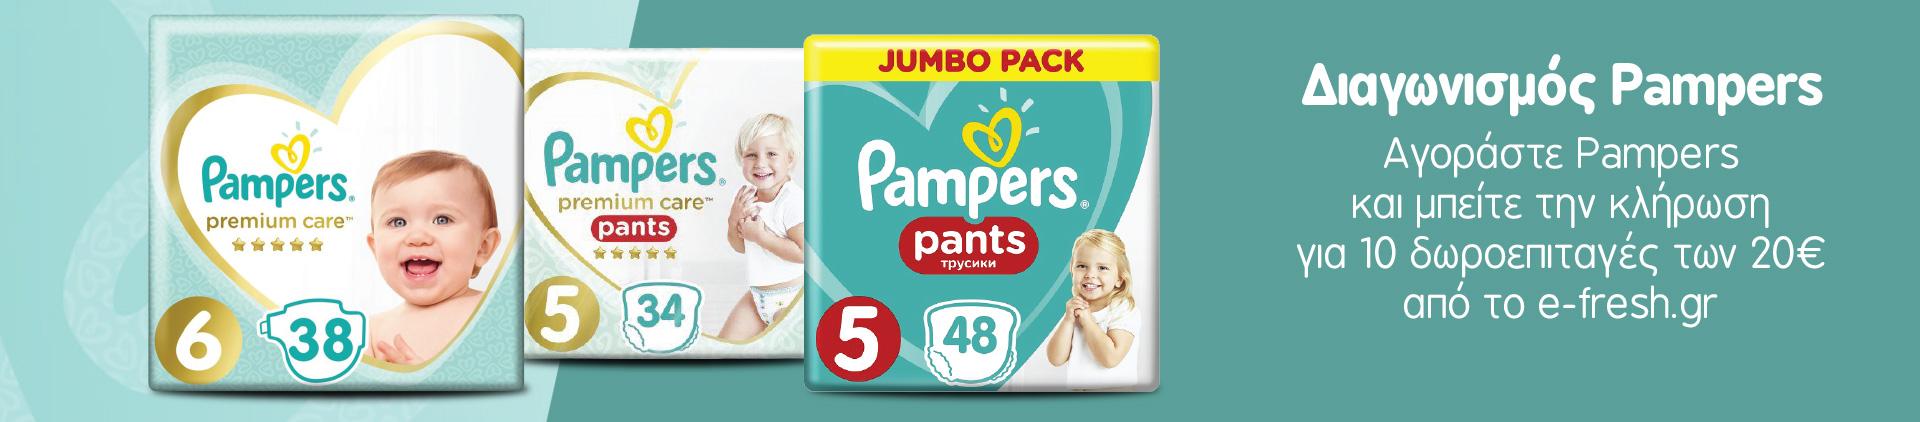 Αγοράζοντας πάνες Pampers 1+1 δώρο μπείτε στην κλήρωση για 10 δωροεπιταγές των 20 ευρώ για αγορές από το e-fresh